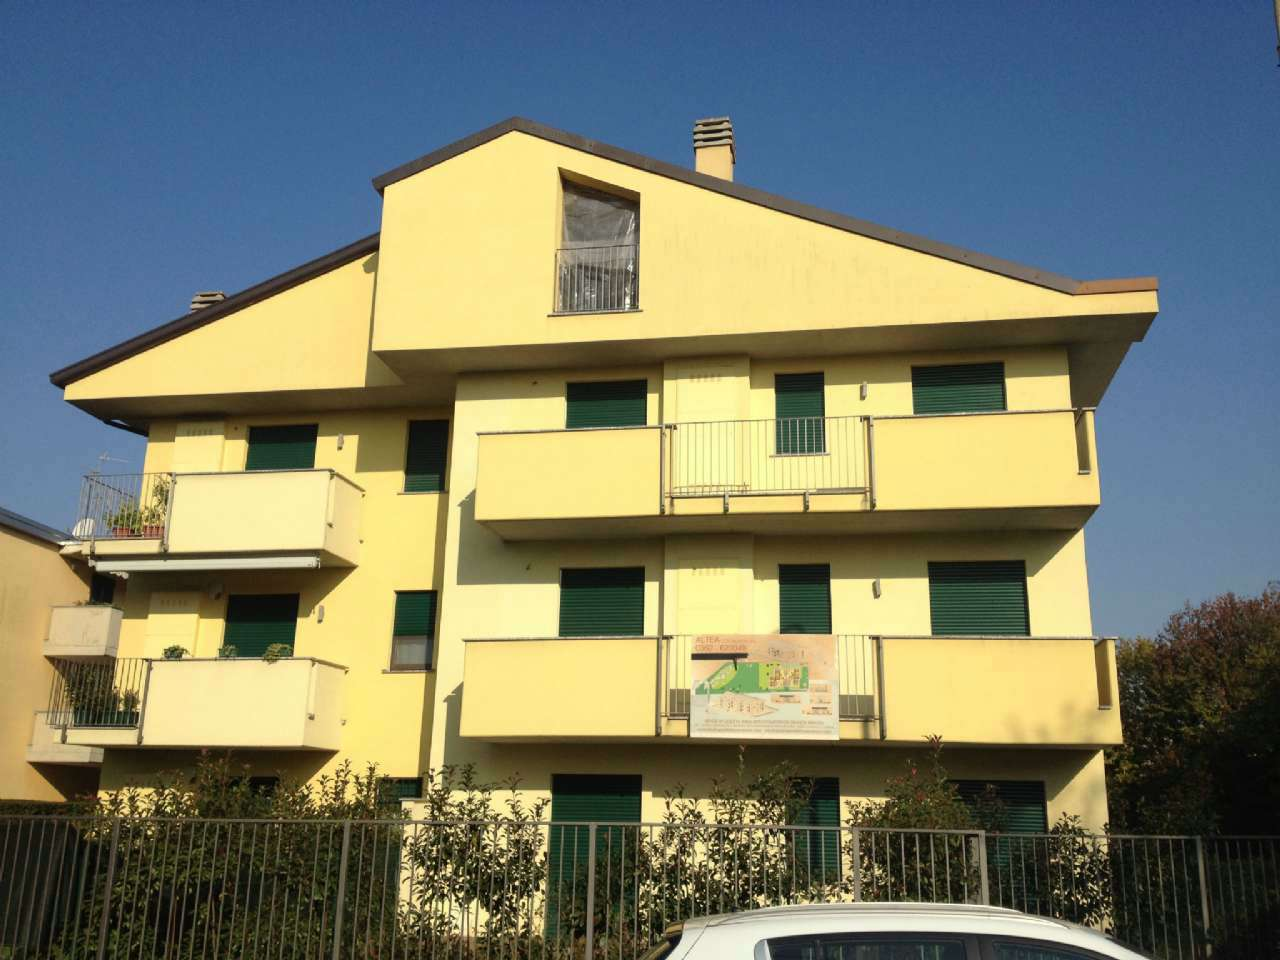 Attico / Mansarda in vendita a Desio, 4 locali, prezzo € 336.000 | CambioCasa.it